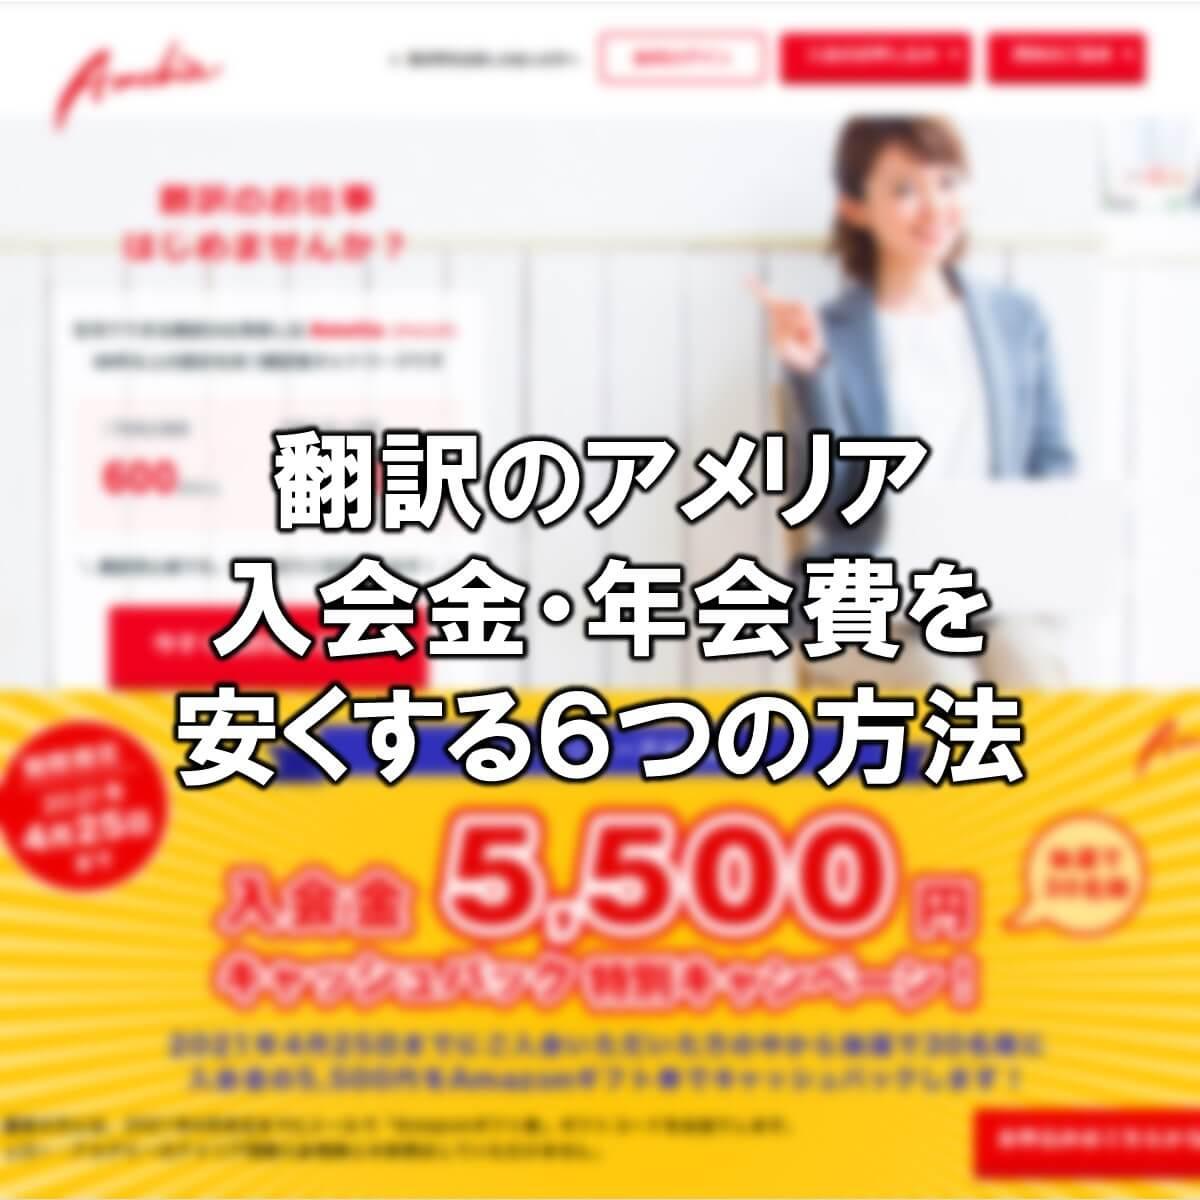 翻訳のアメリア 入会金・年会費を安くする6つの方法【割引・キャンペーン】